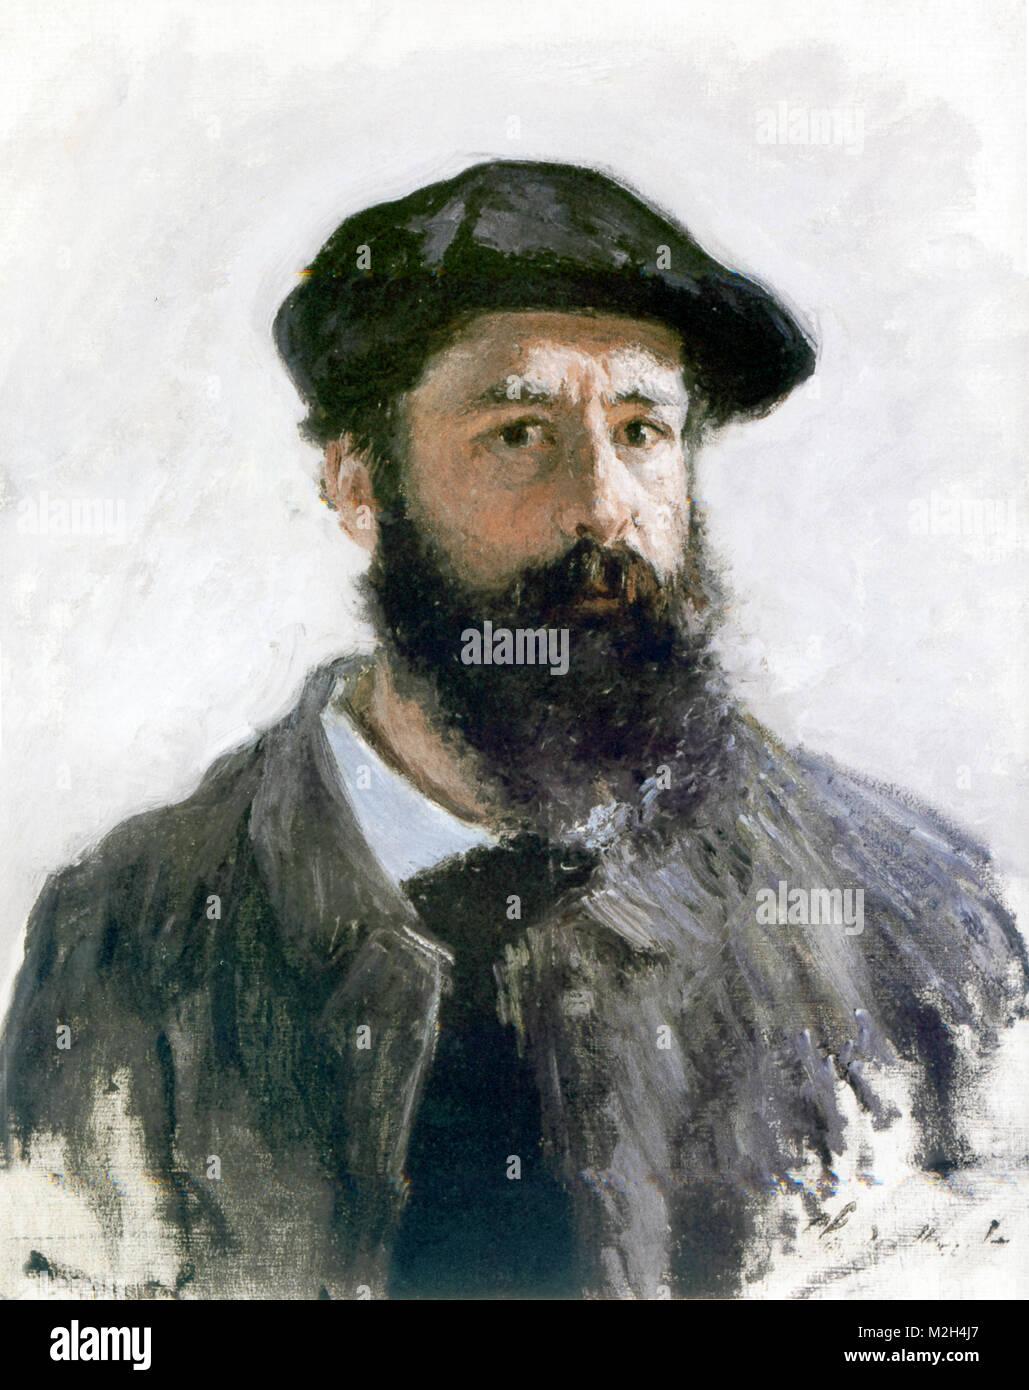 CLAUDE MONET (1840-1926) francese pittore impressionista. Ritratto di auto 1886. Immagini Stock